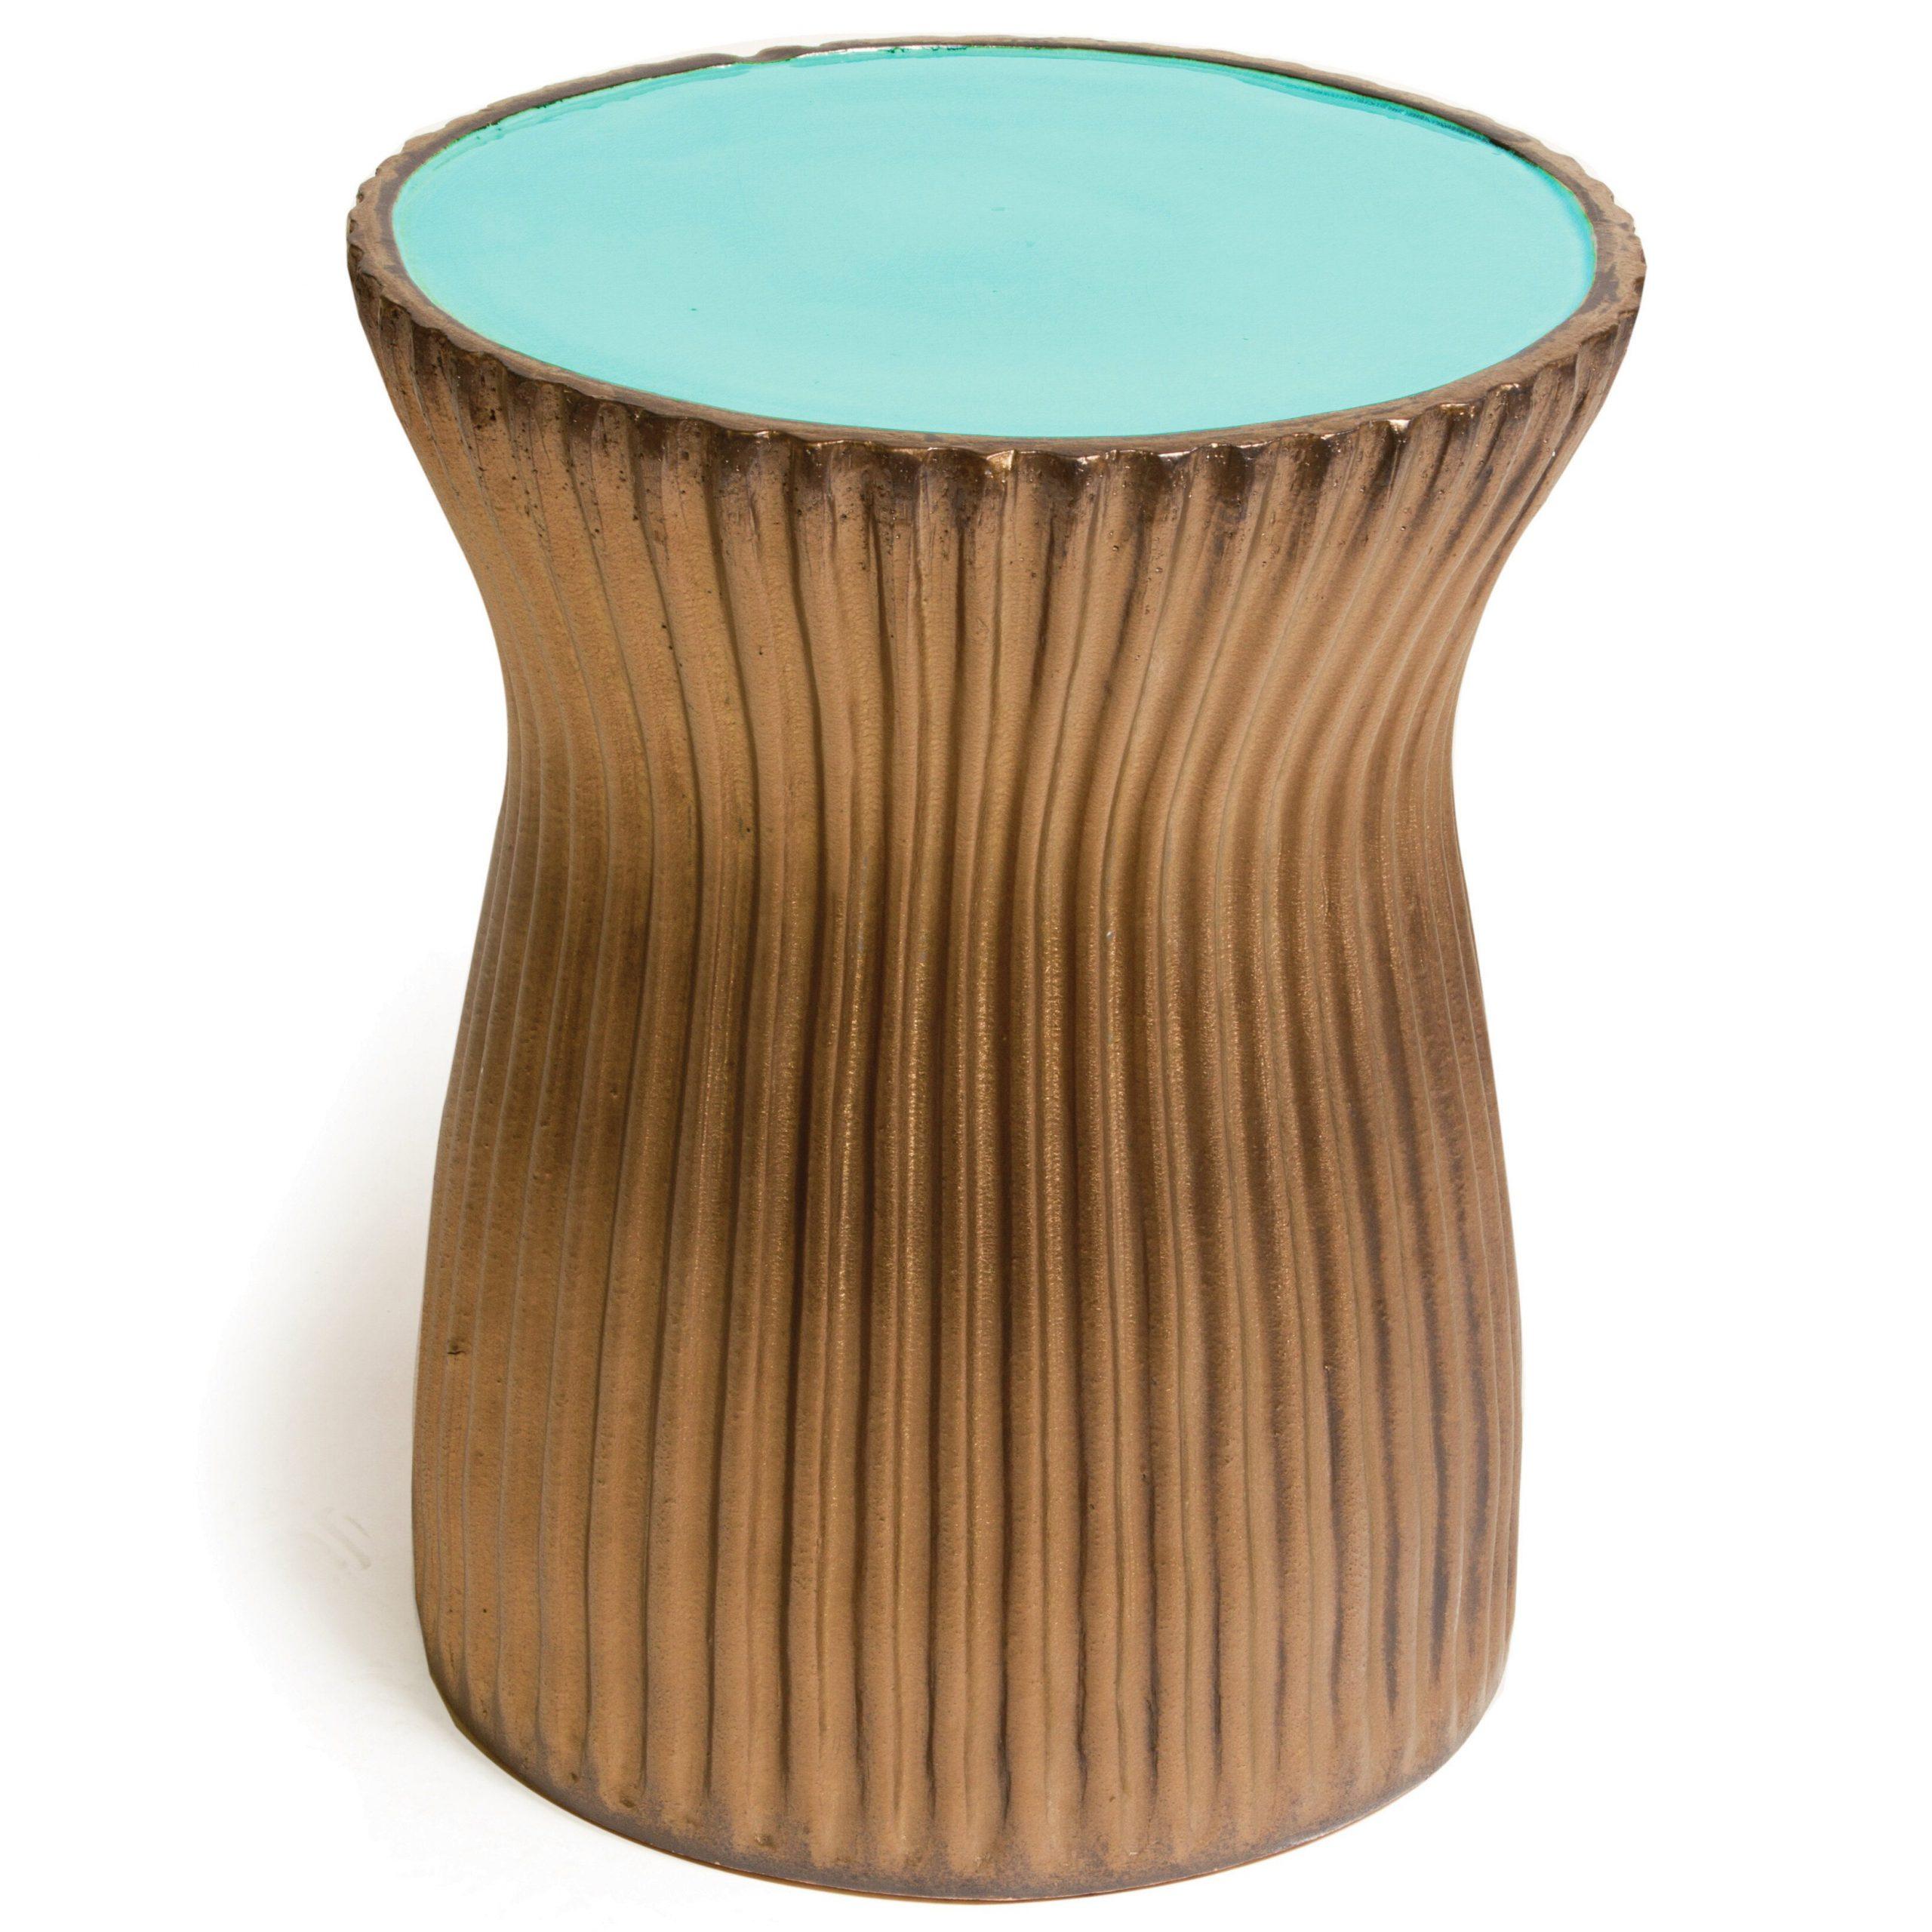 Popular Ridged Ceramic Accent Stool For Arista Ceramic Garden Stools (View 8 of 30)